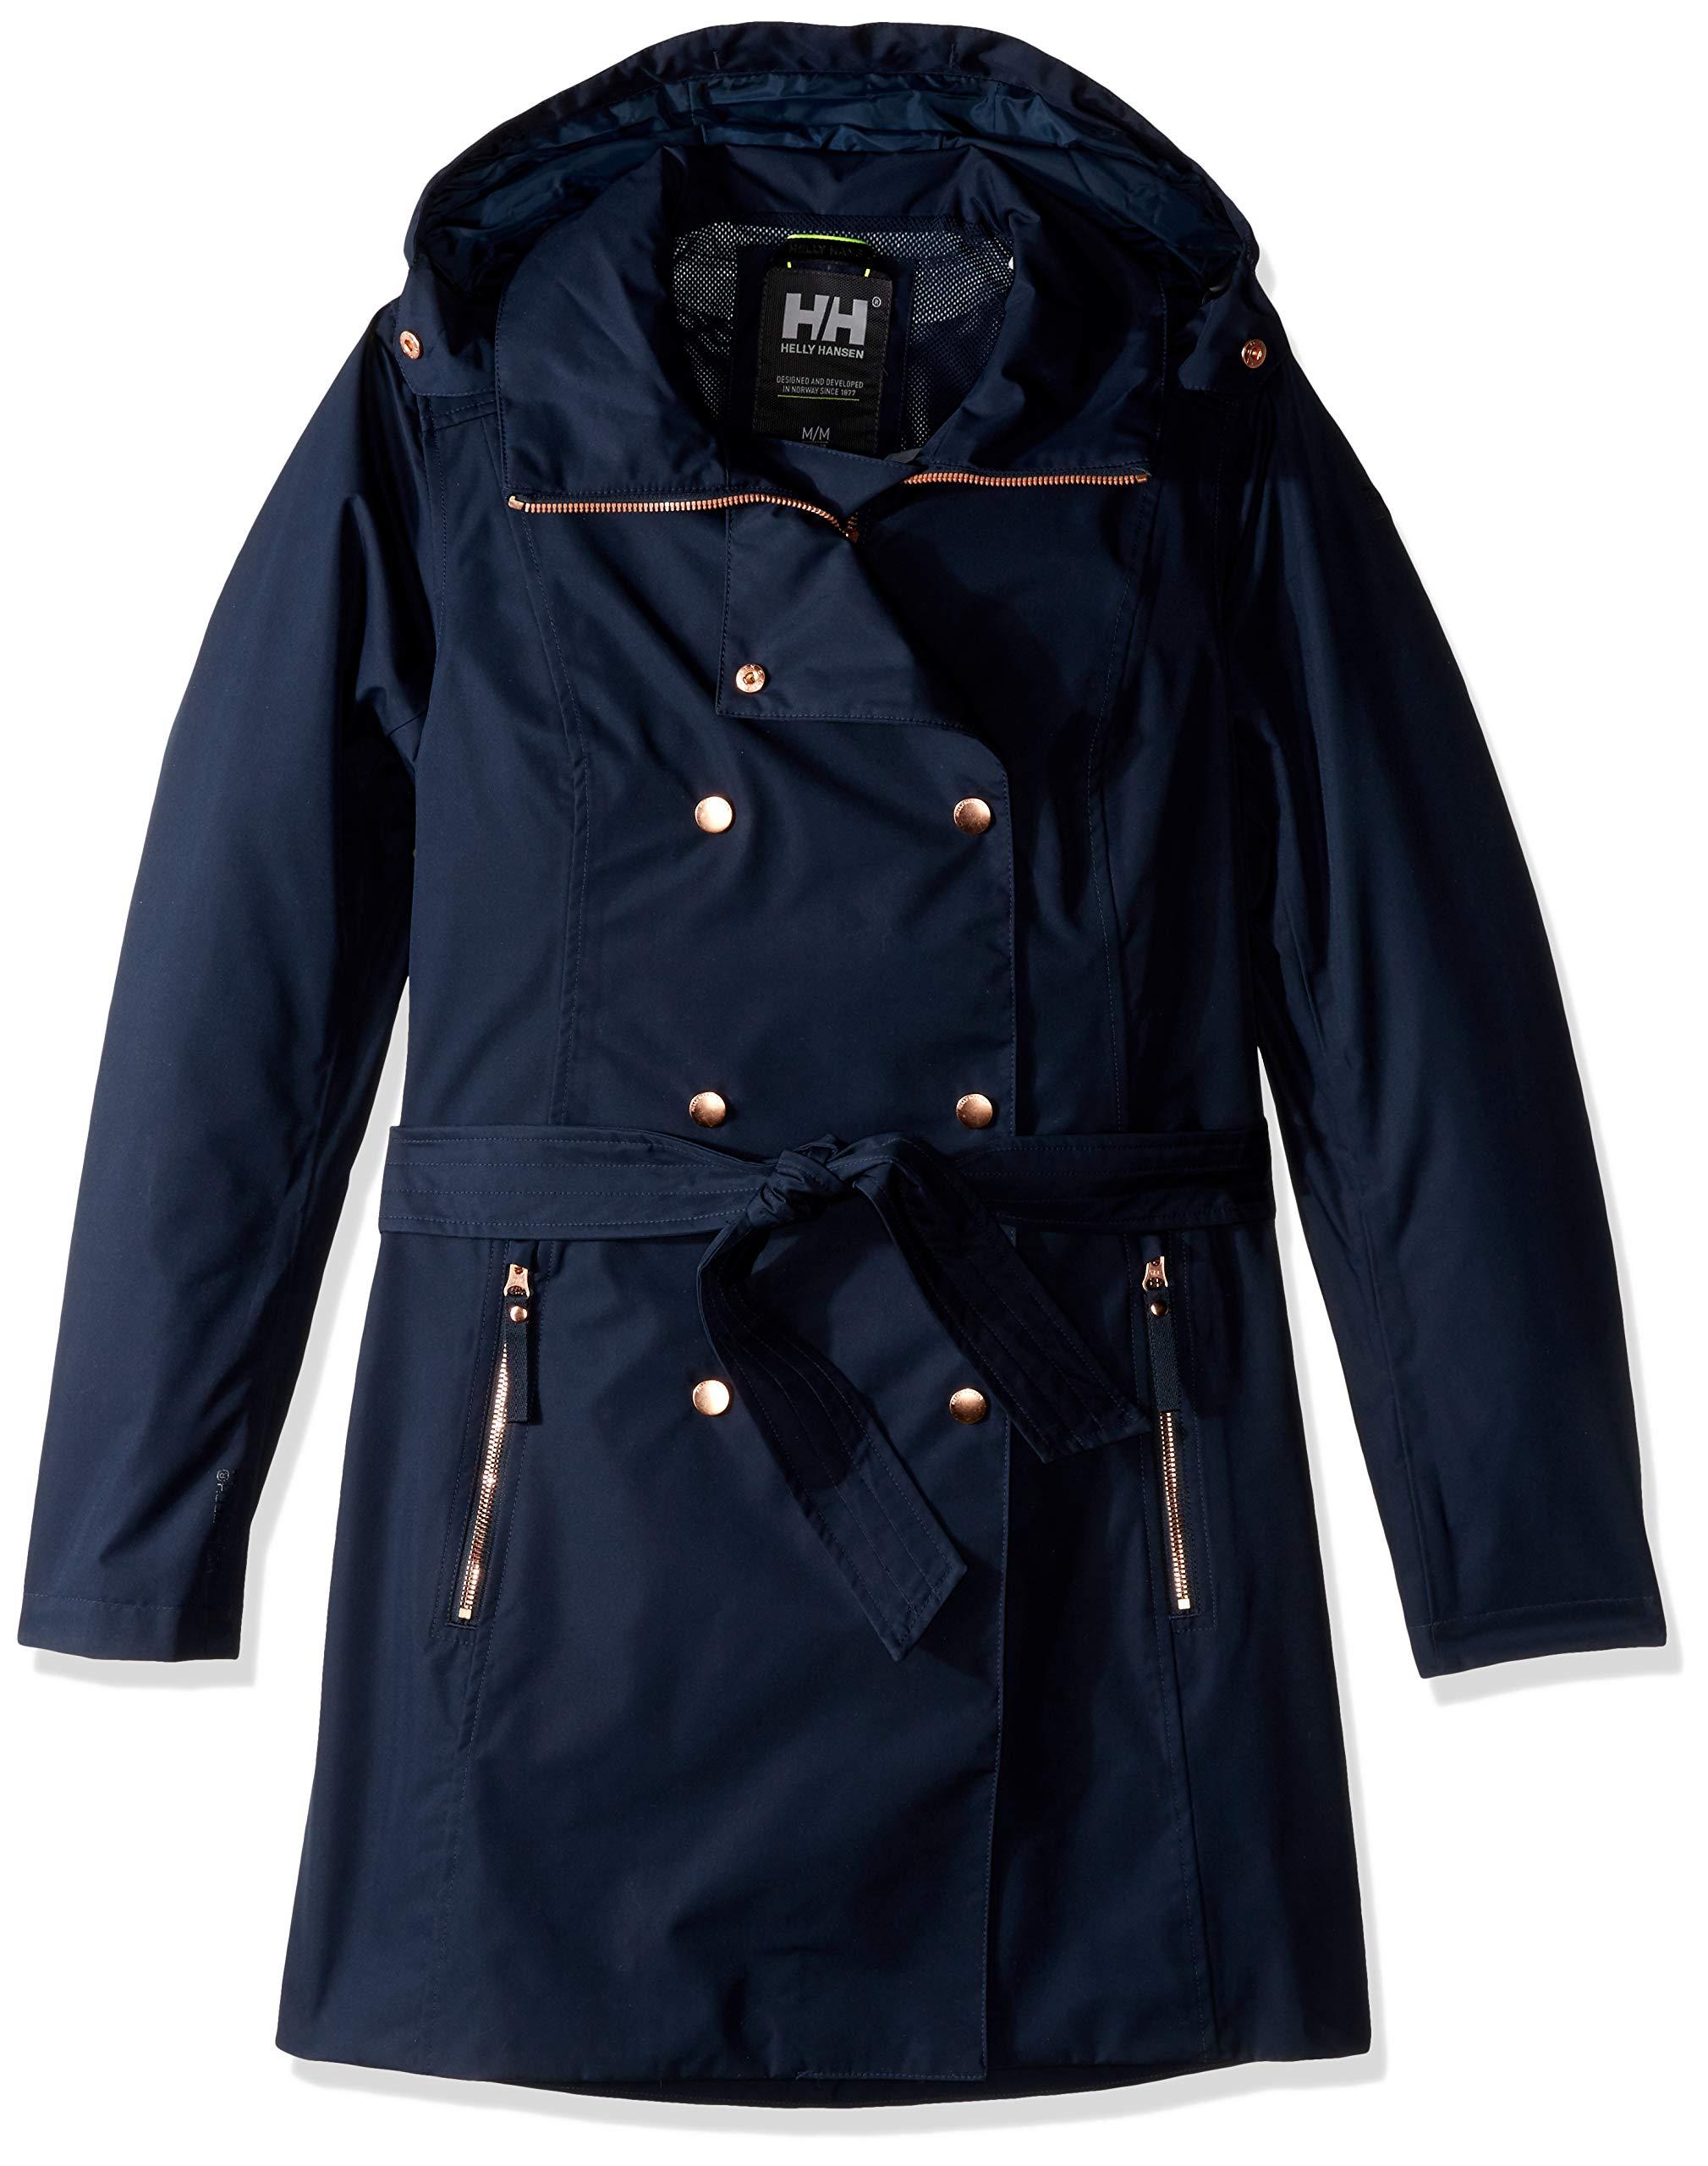 Helly-Hansen Welsey Ii Waterproof Rain Trench Coat with Hood WELSEY II Trench Coat